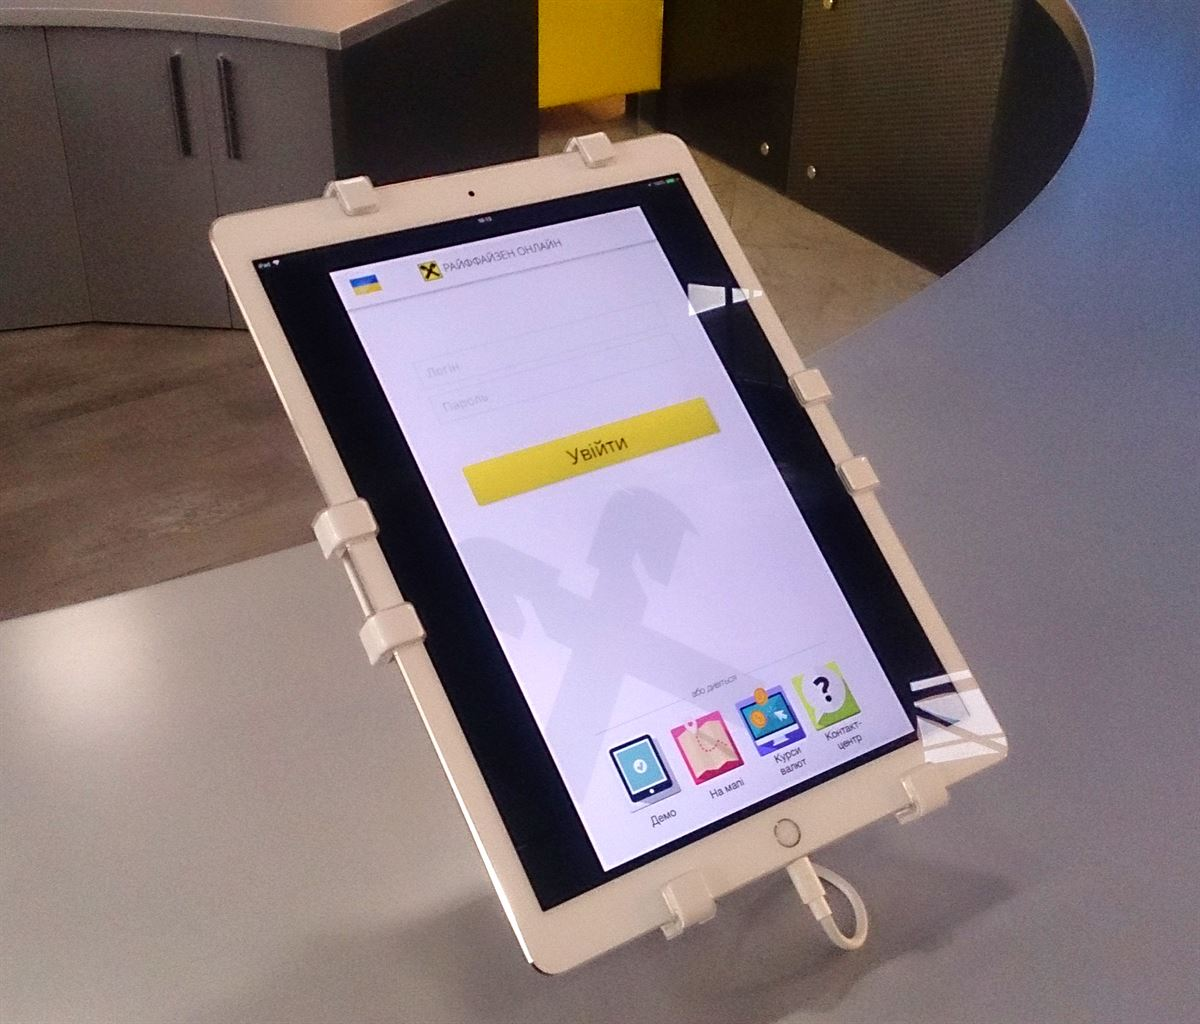 Tablet1.jpg